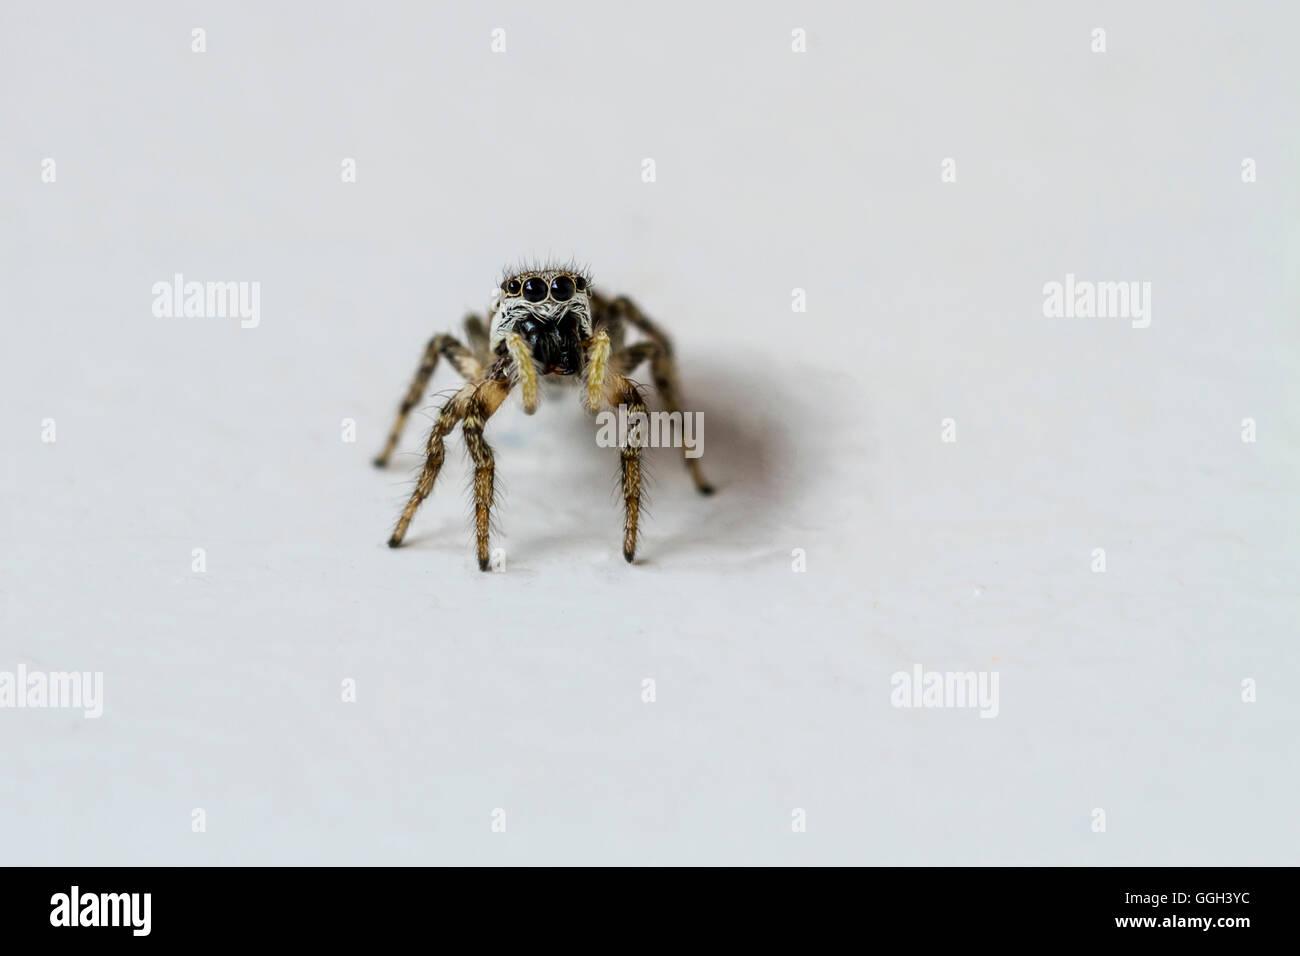 Springspinne, Insekt, Spinne, Tier, Fauna, Beine, Körper, Augen, Makro, Nah, groß, spider, natur, Zebraspringspinne - Stock Image